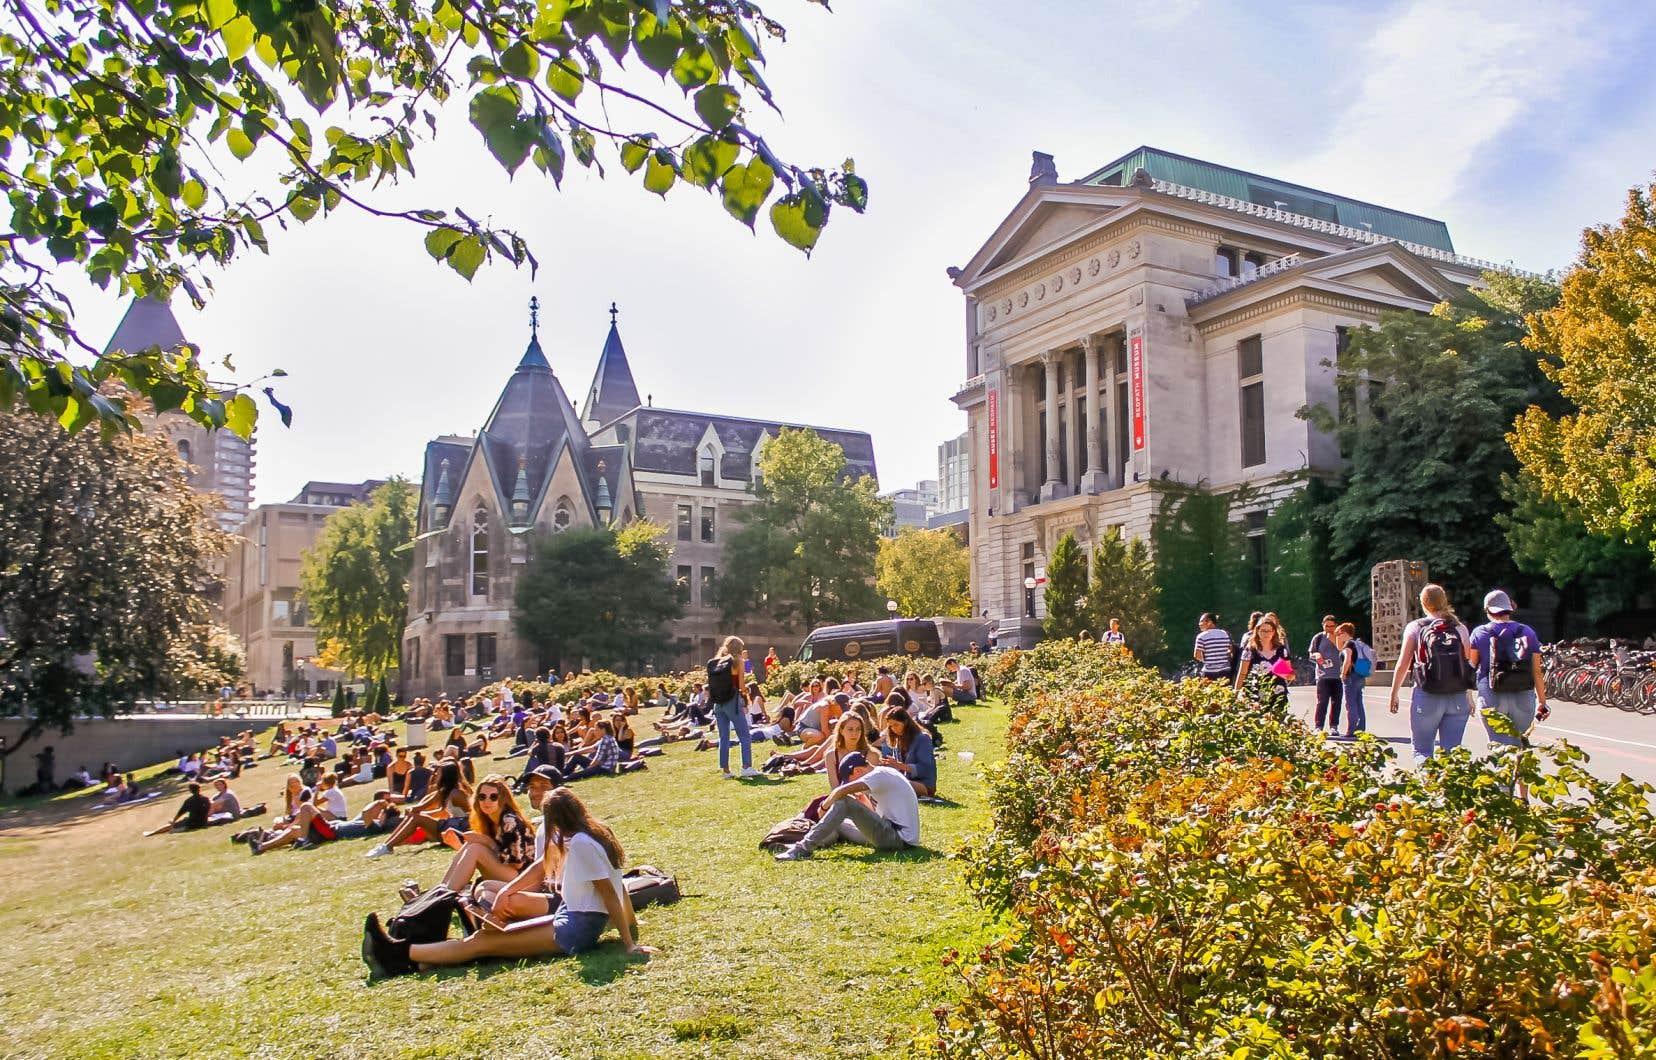 Le campus principal de l'Université McGill, situé en plein coeur de Montréal